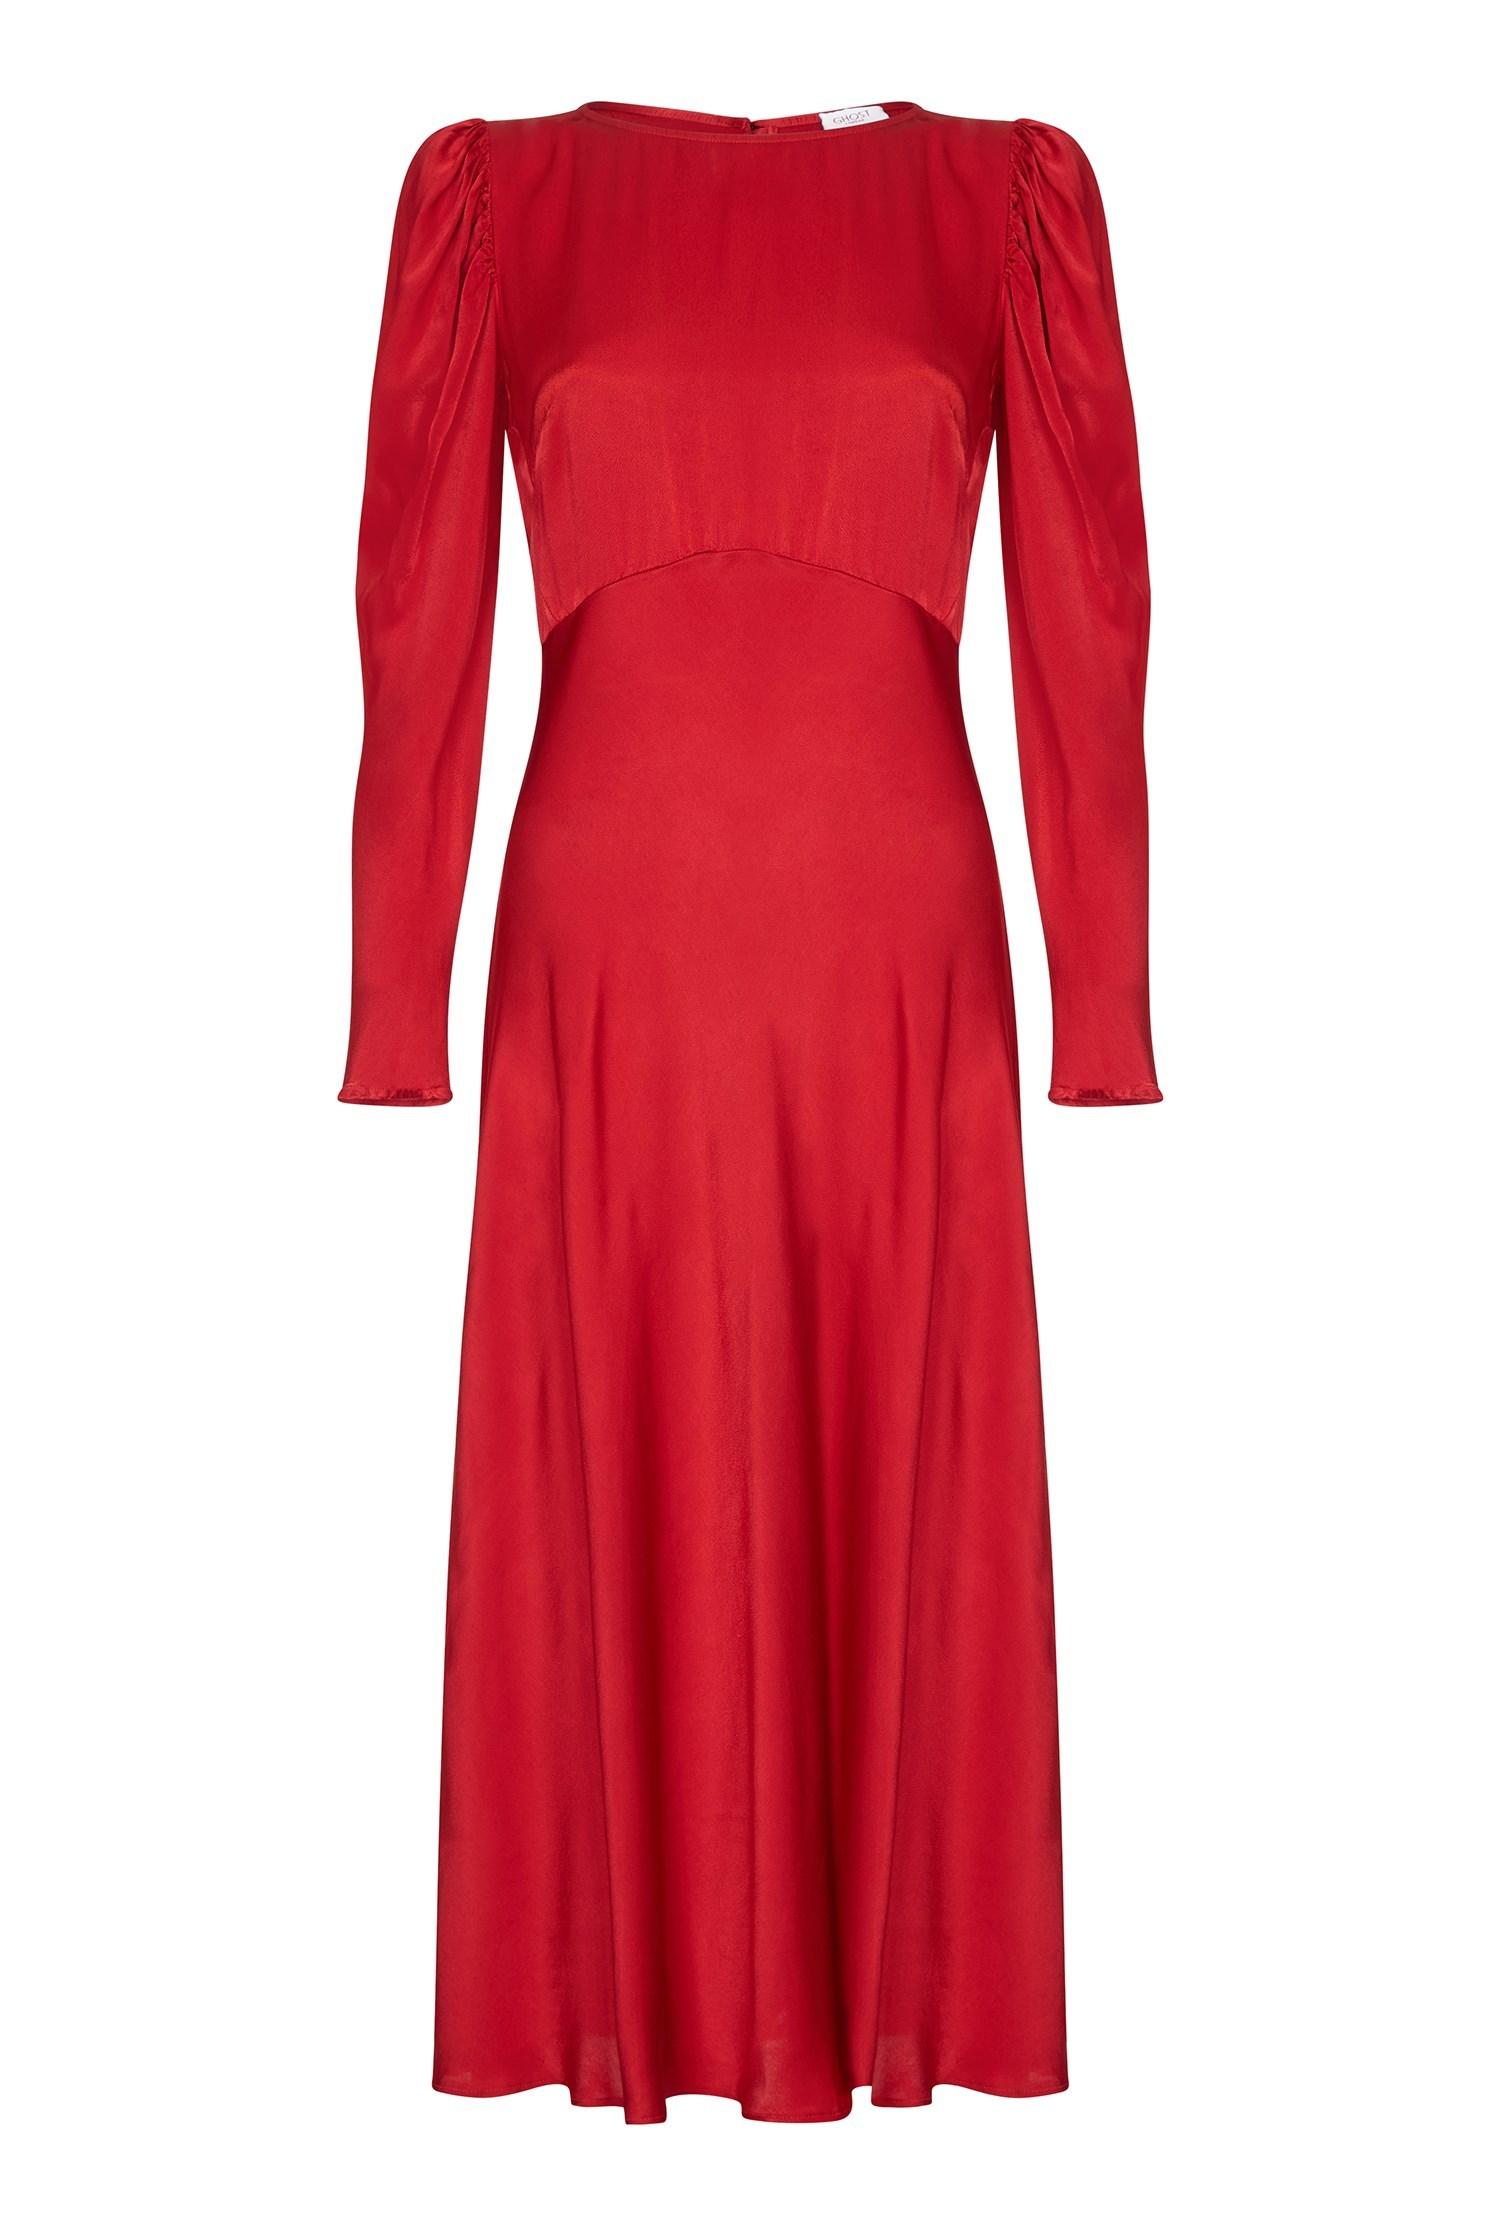 GHOST Rosaleen Dress